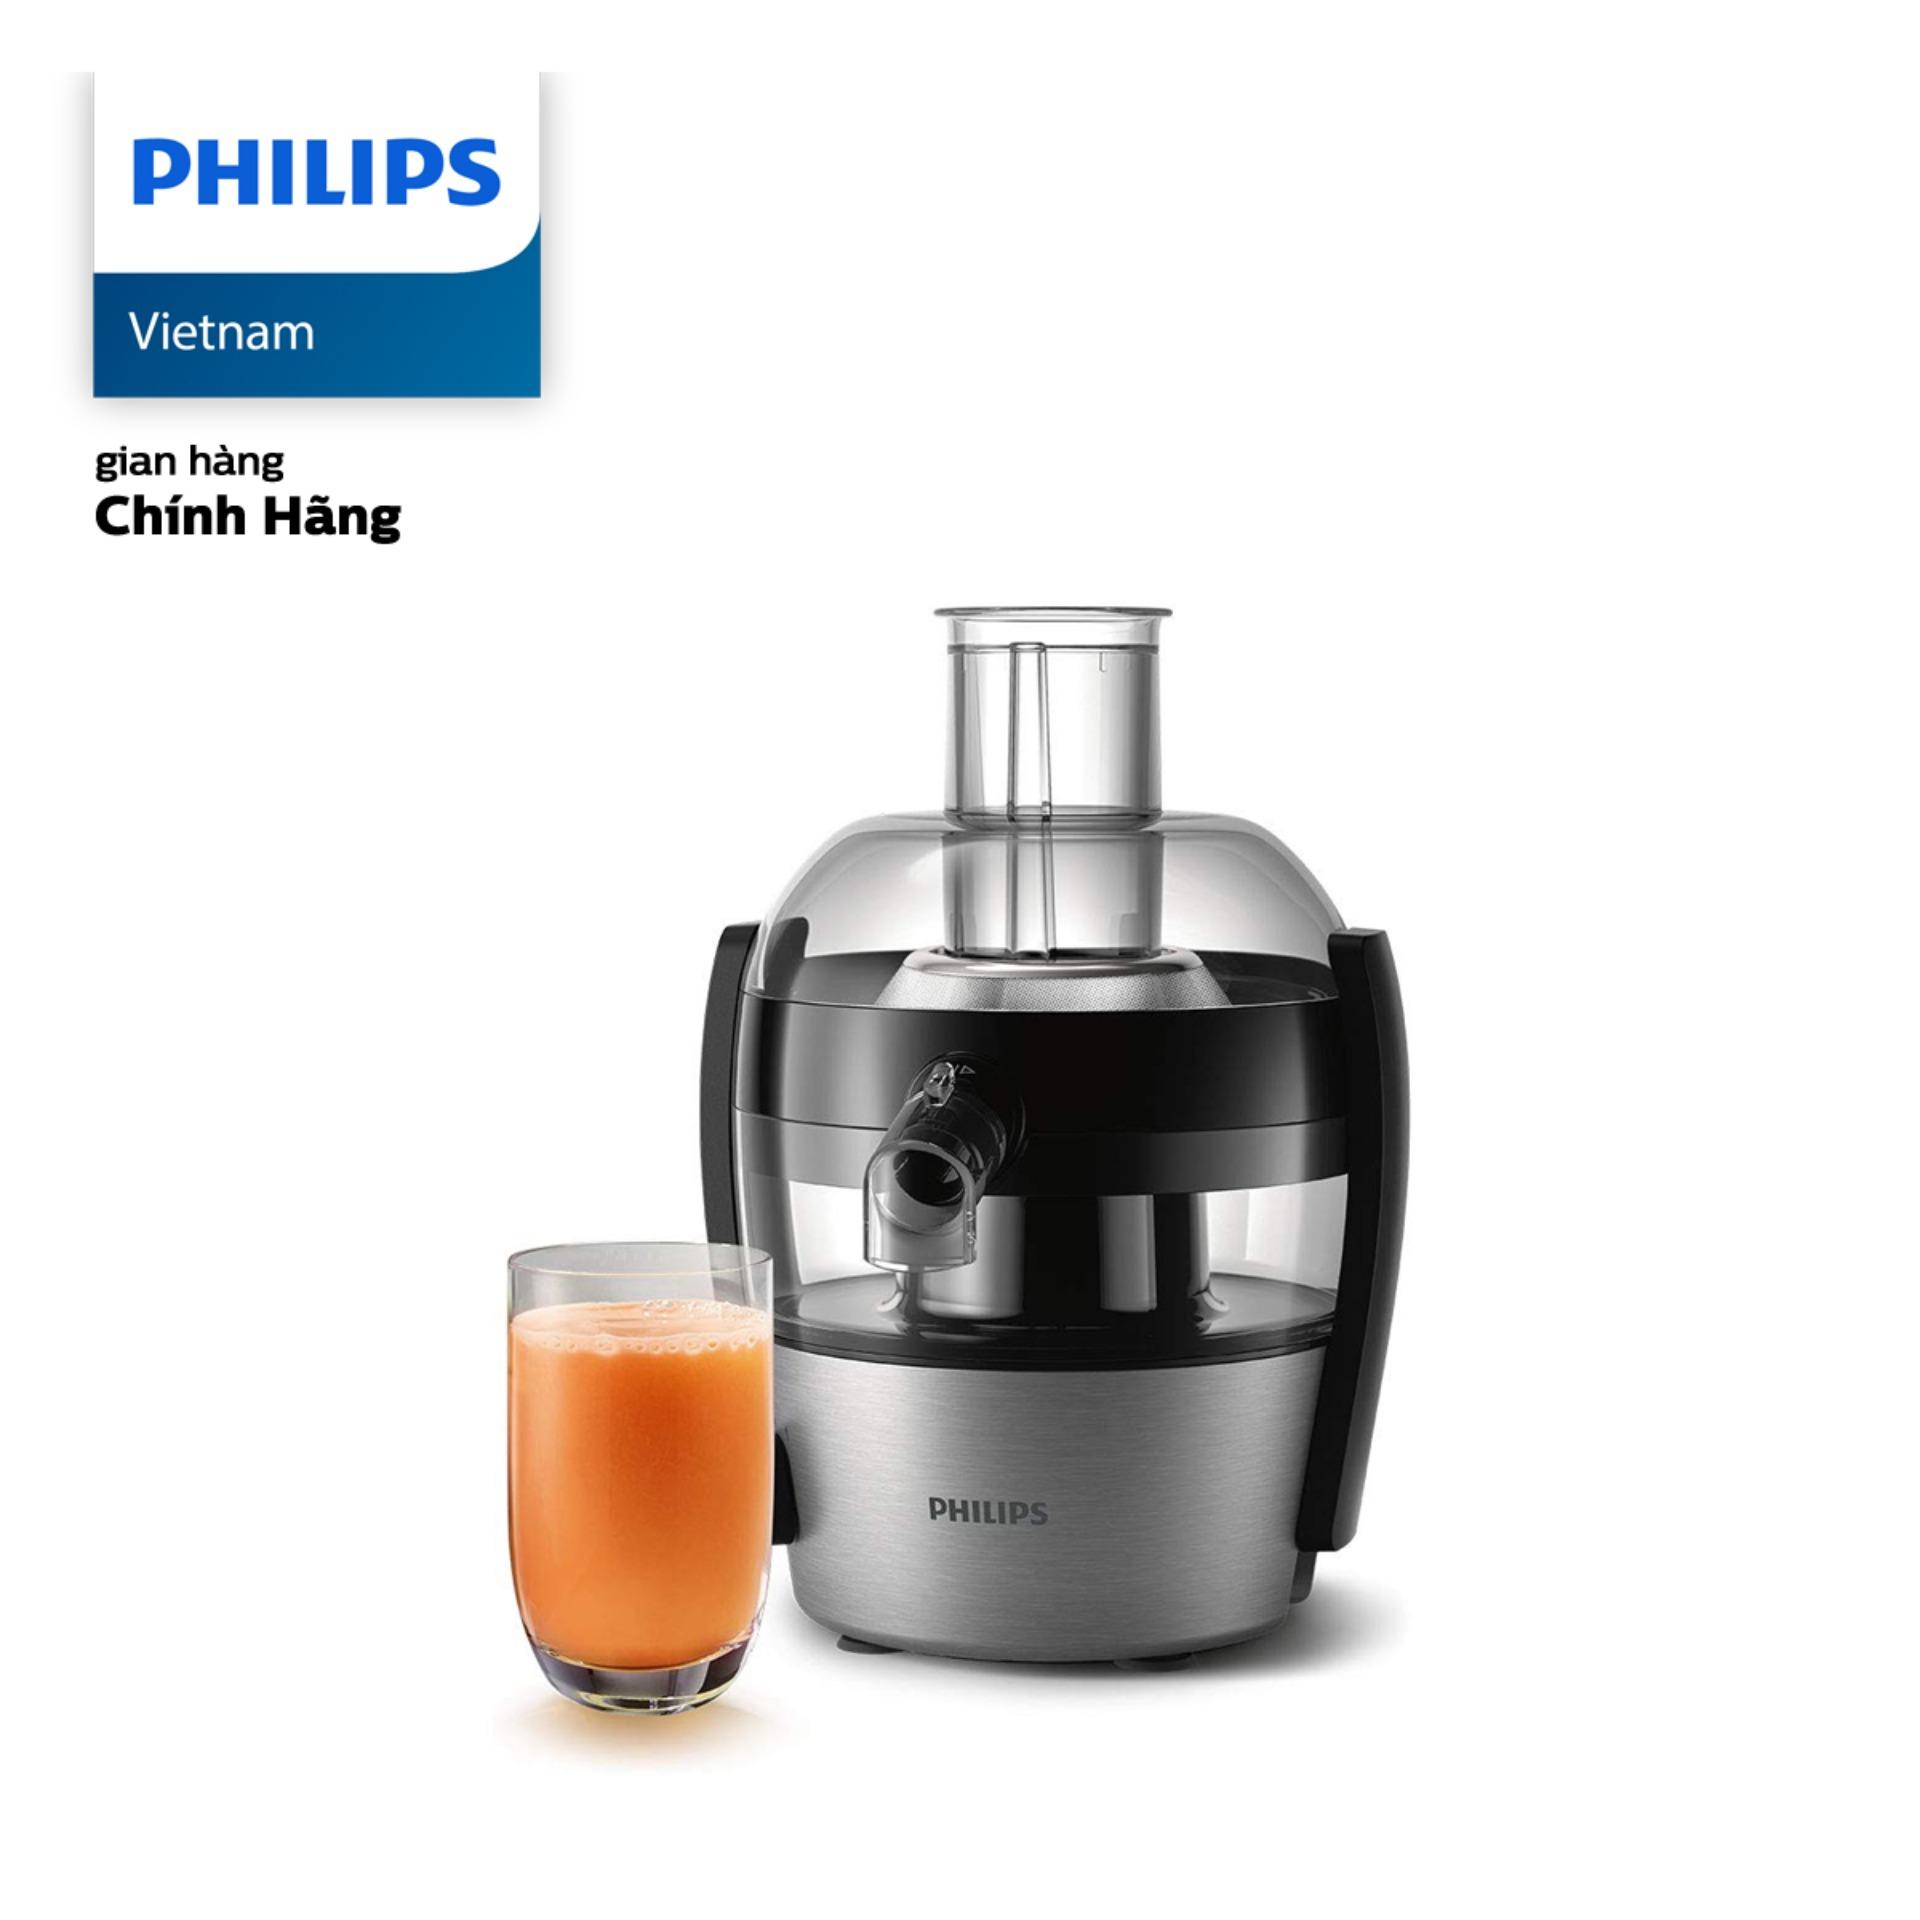 Máy Ép Trái Cây Philips HR1836 (500W) - Hàng phân phối chính hãng - Công nghệ Quick Clean giúp gạt bỏ bã, xơ và vệ sinh dễ dàng; Chức năng ngăn rỉ nước tích hợp trong vòi